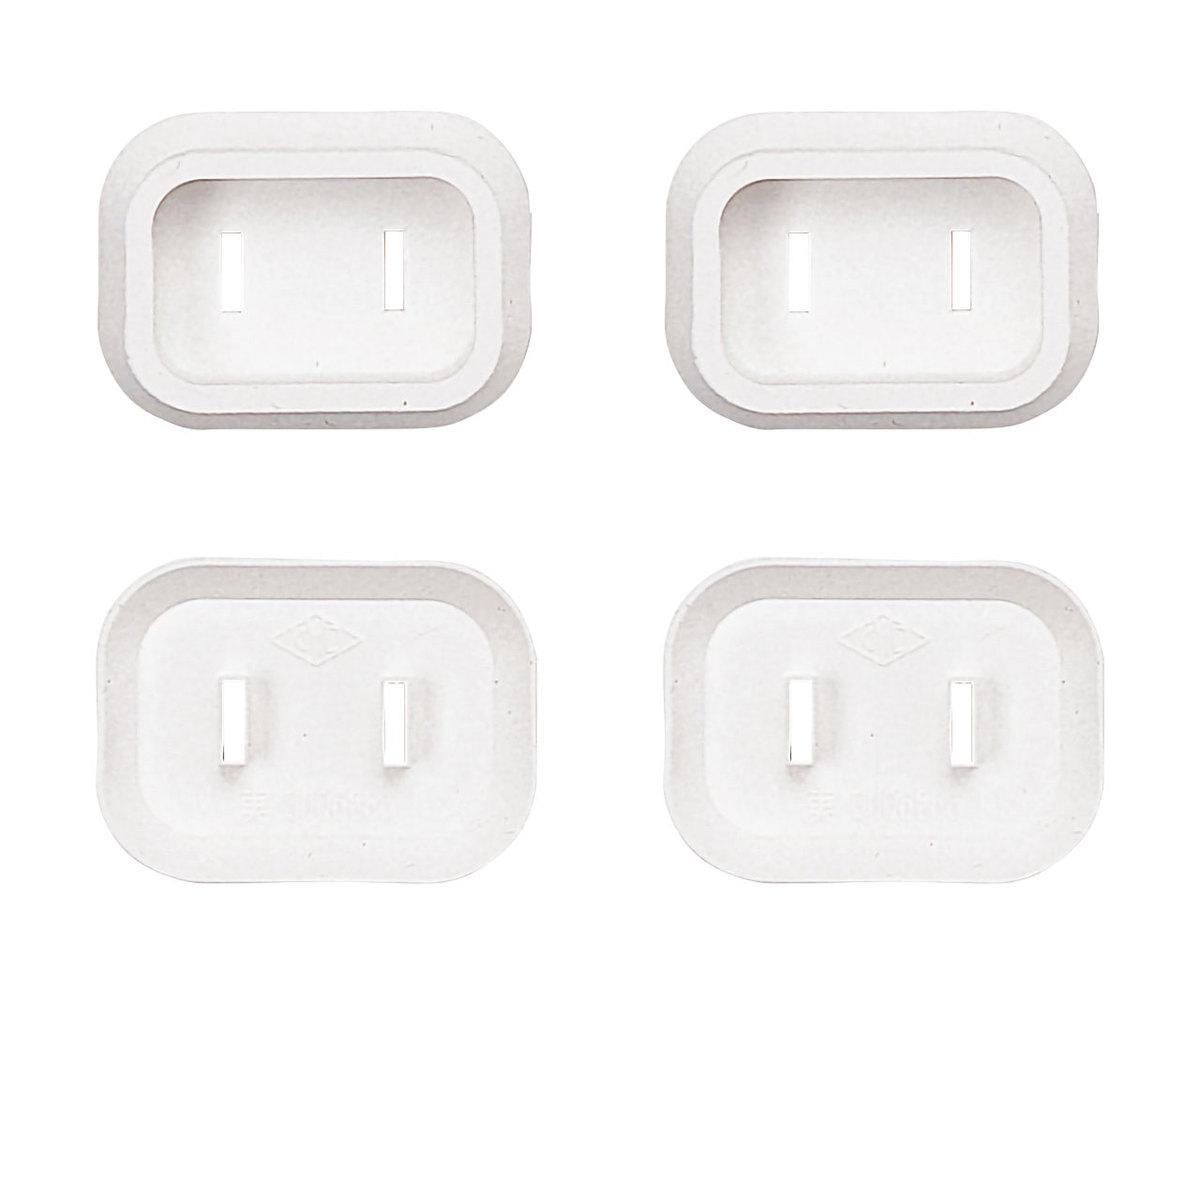 [TAP-PSC1N50] プラグ安全カバー(ホワイト・50個入り)